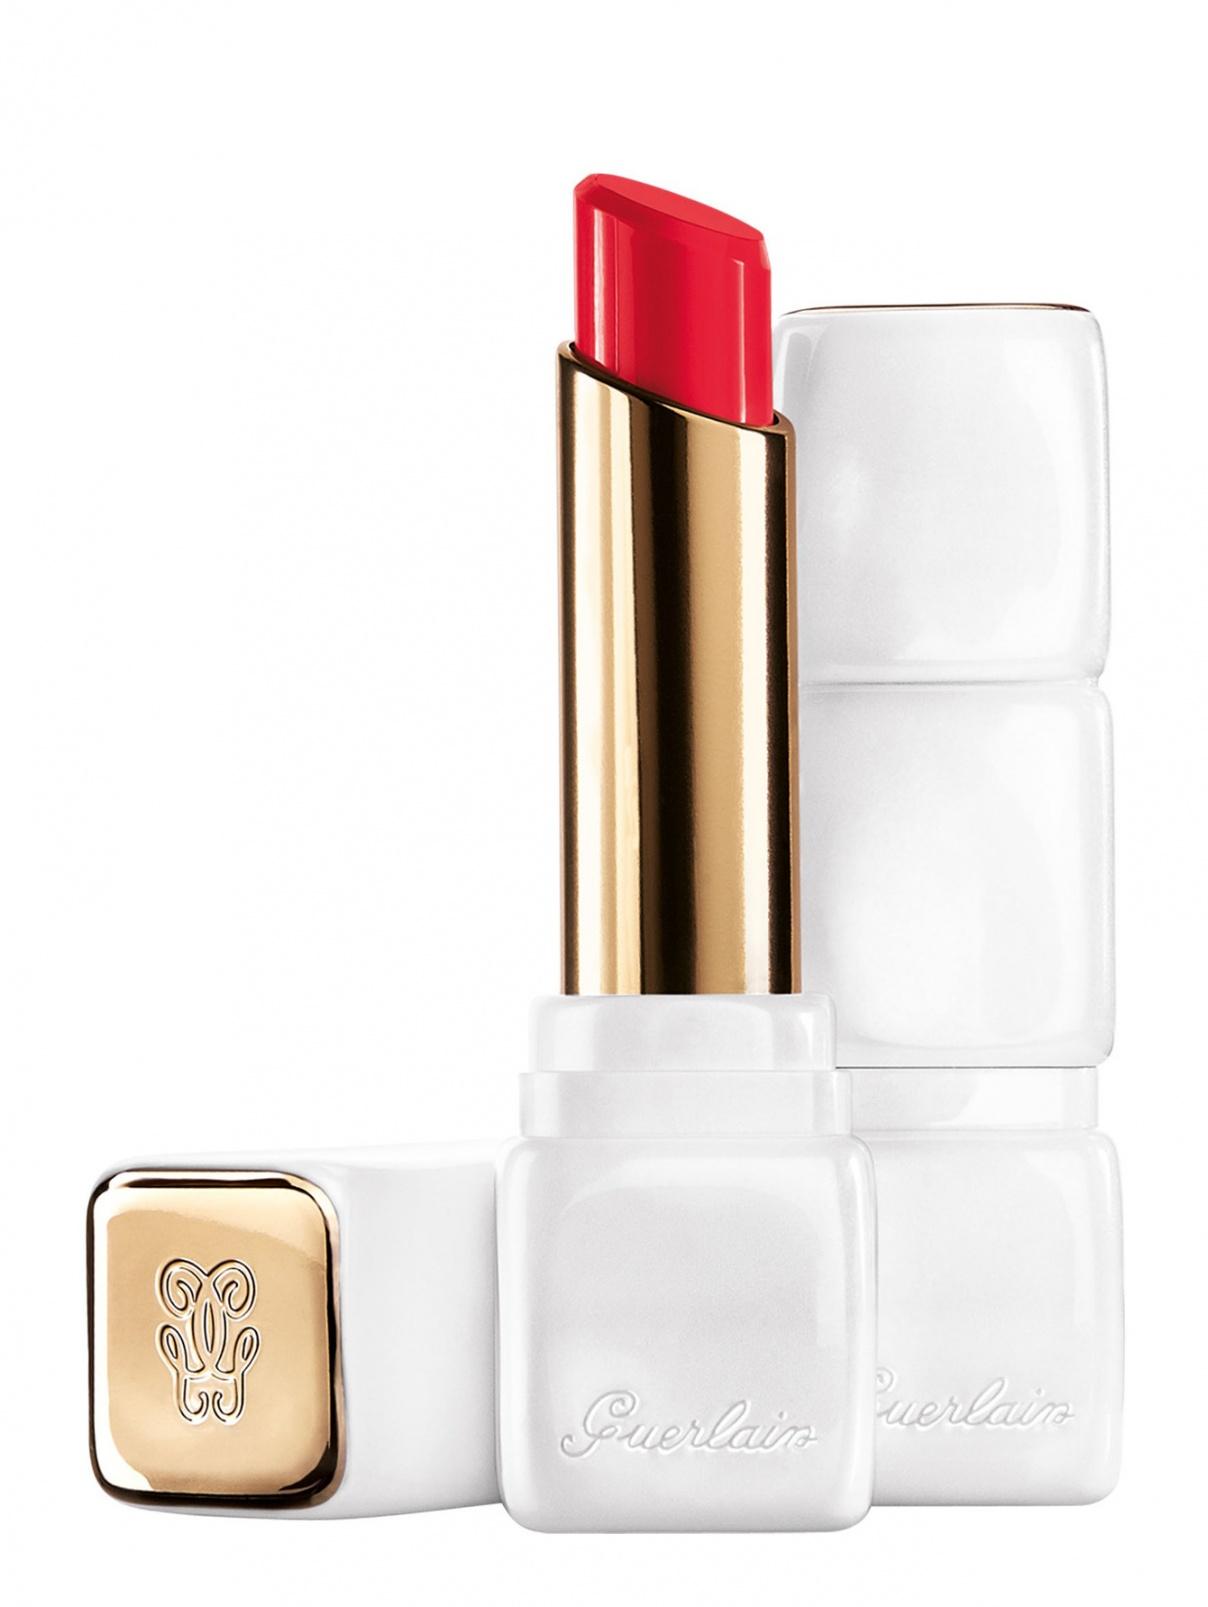 Бальзам для губ KissKiss, R330 Персиковый жемчуг, 2,8 г Guerlain  –  Общий вид